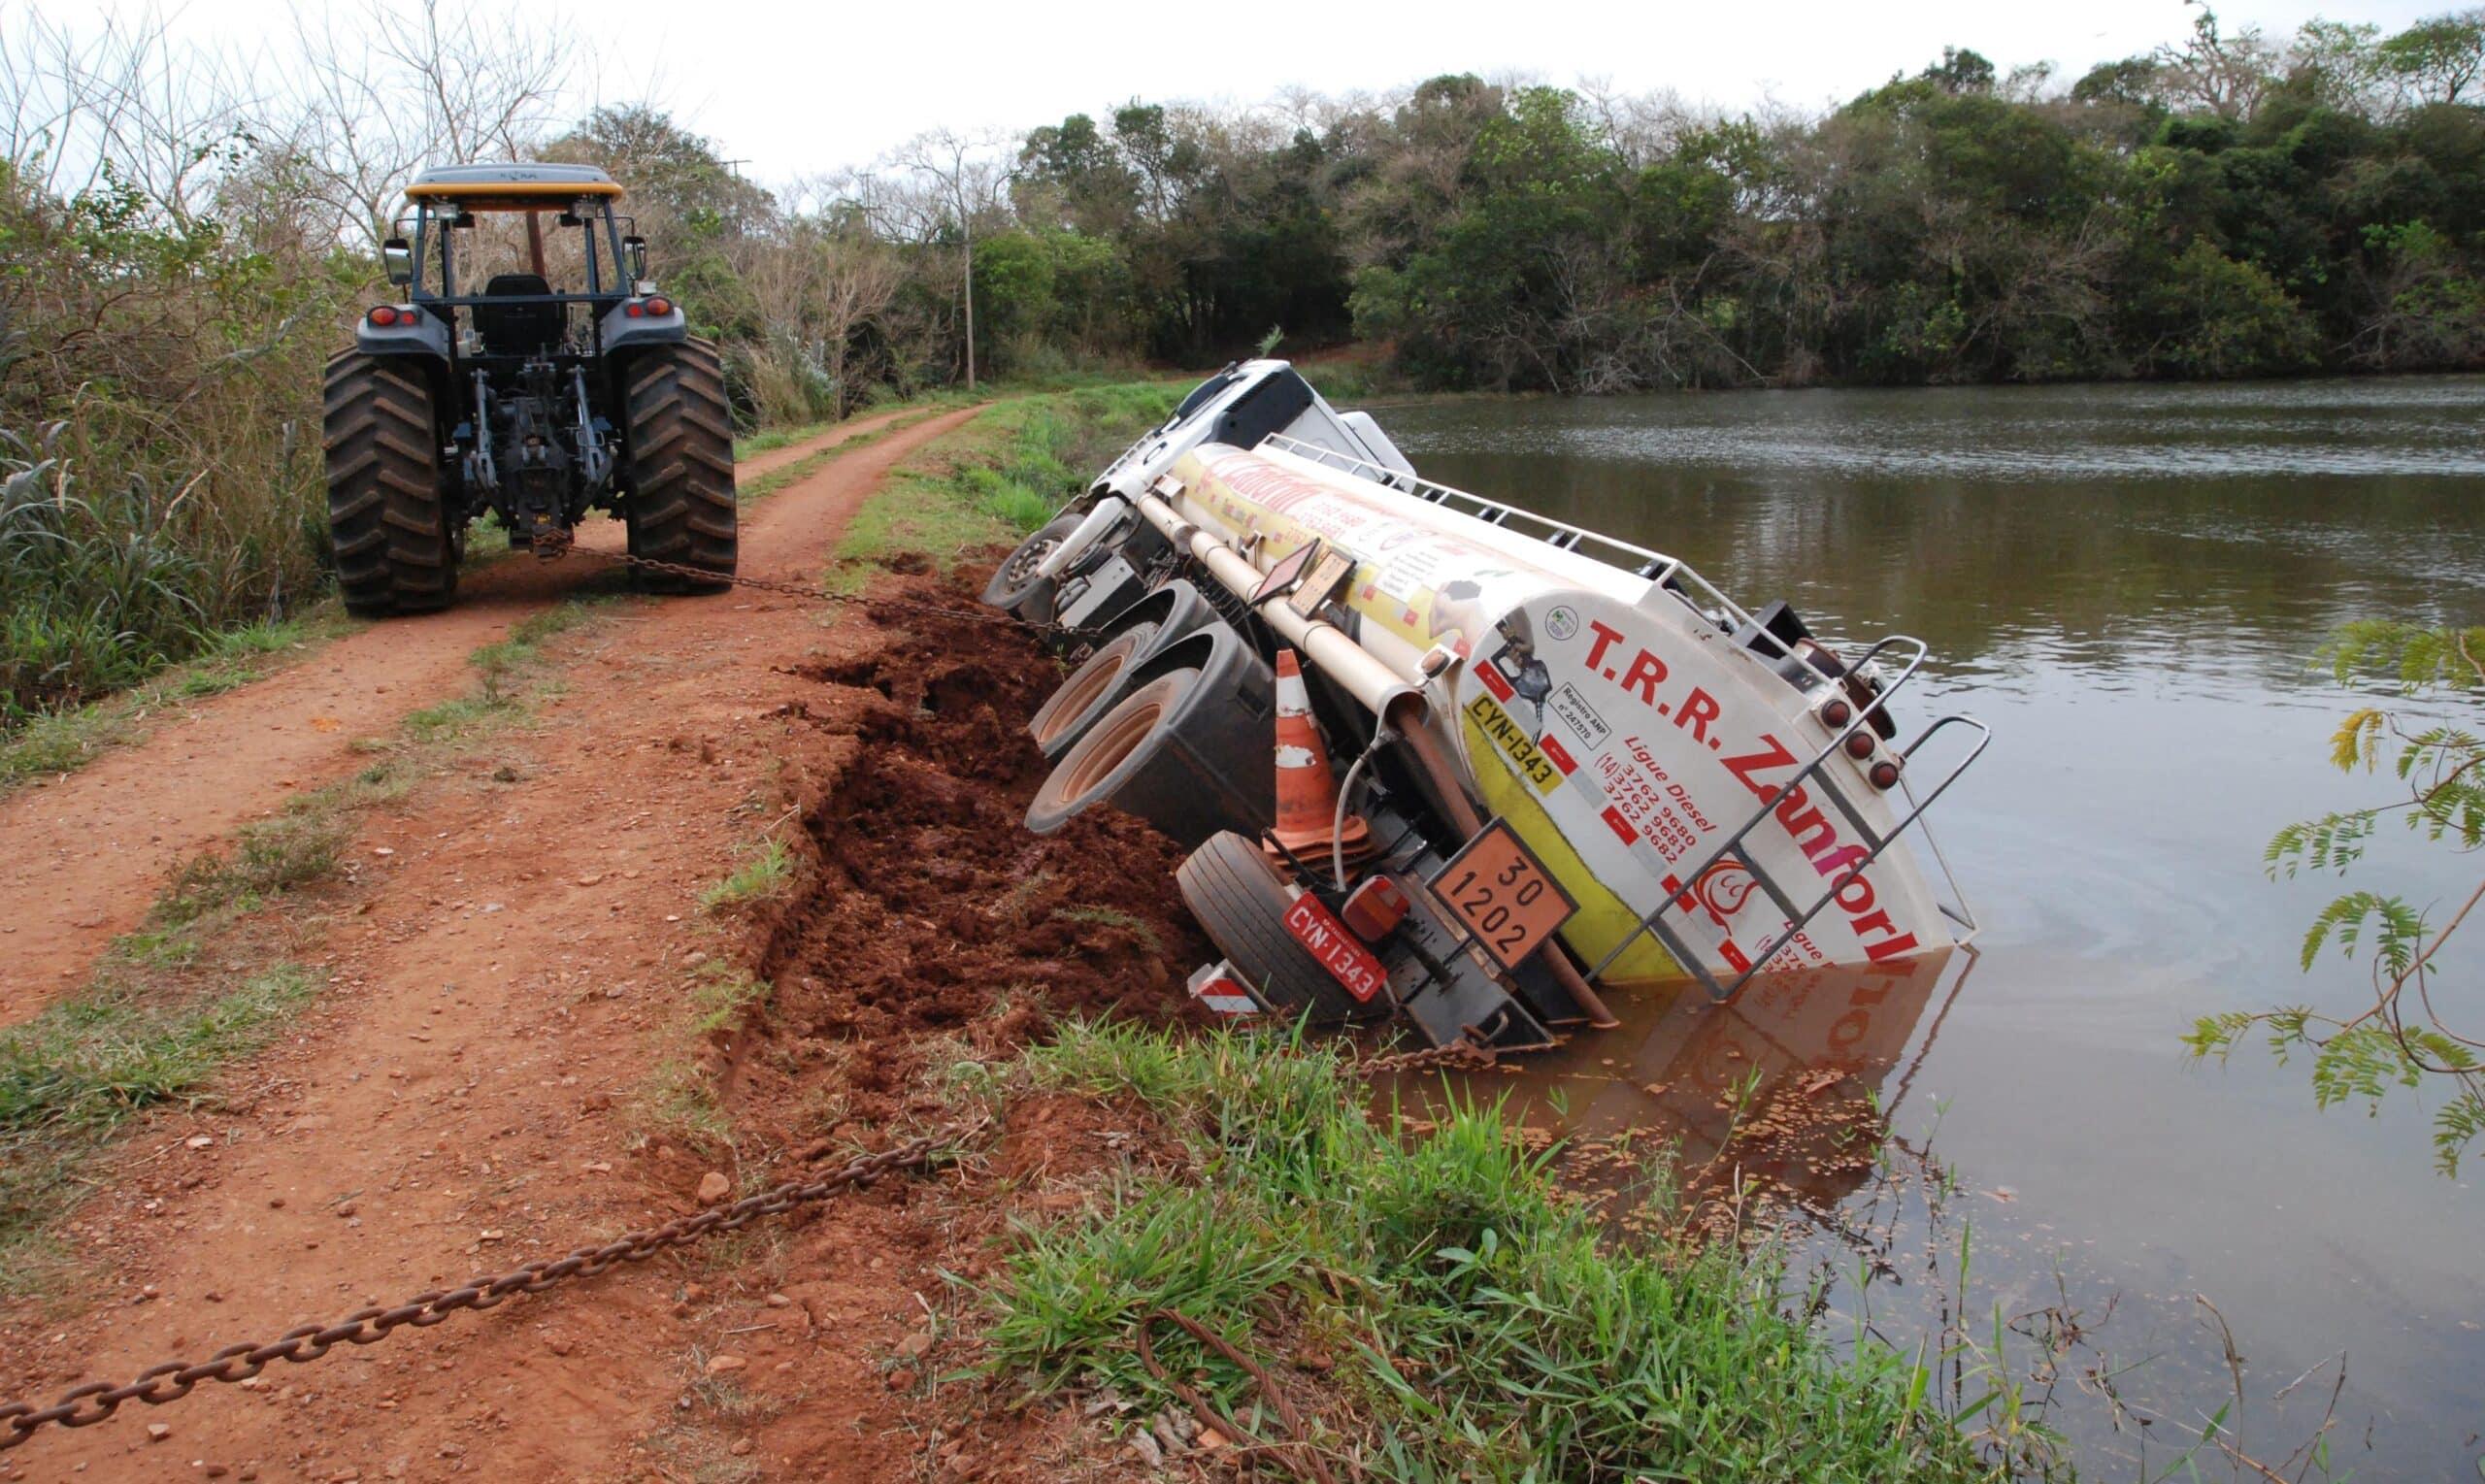 Caminhão carregado com óleo diesel tomba dentro de lagoa em Ibirarema (Foto: Divulgação/Corpo de Bombeiros)